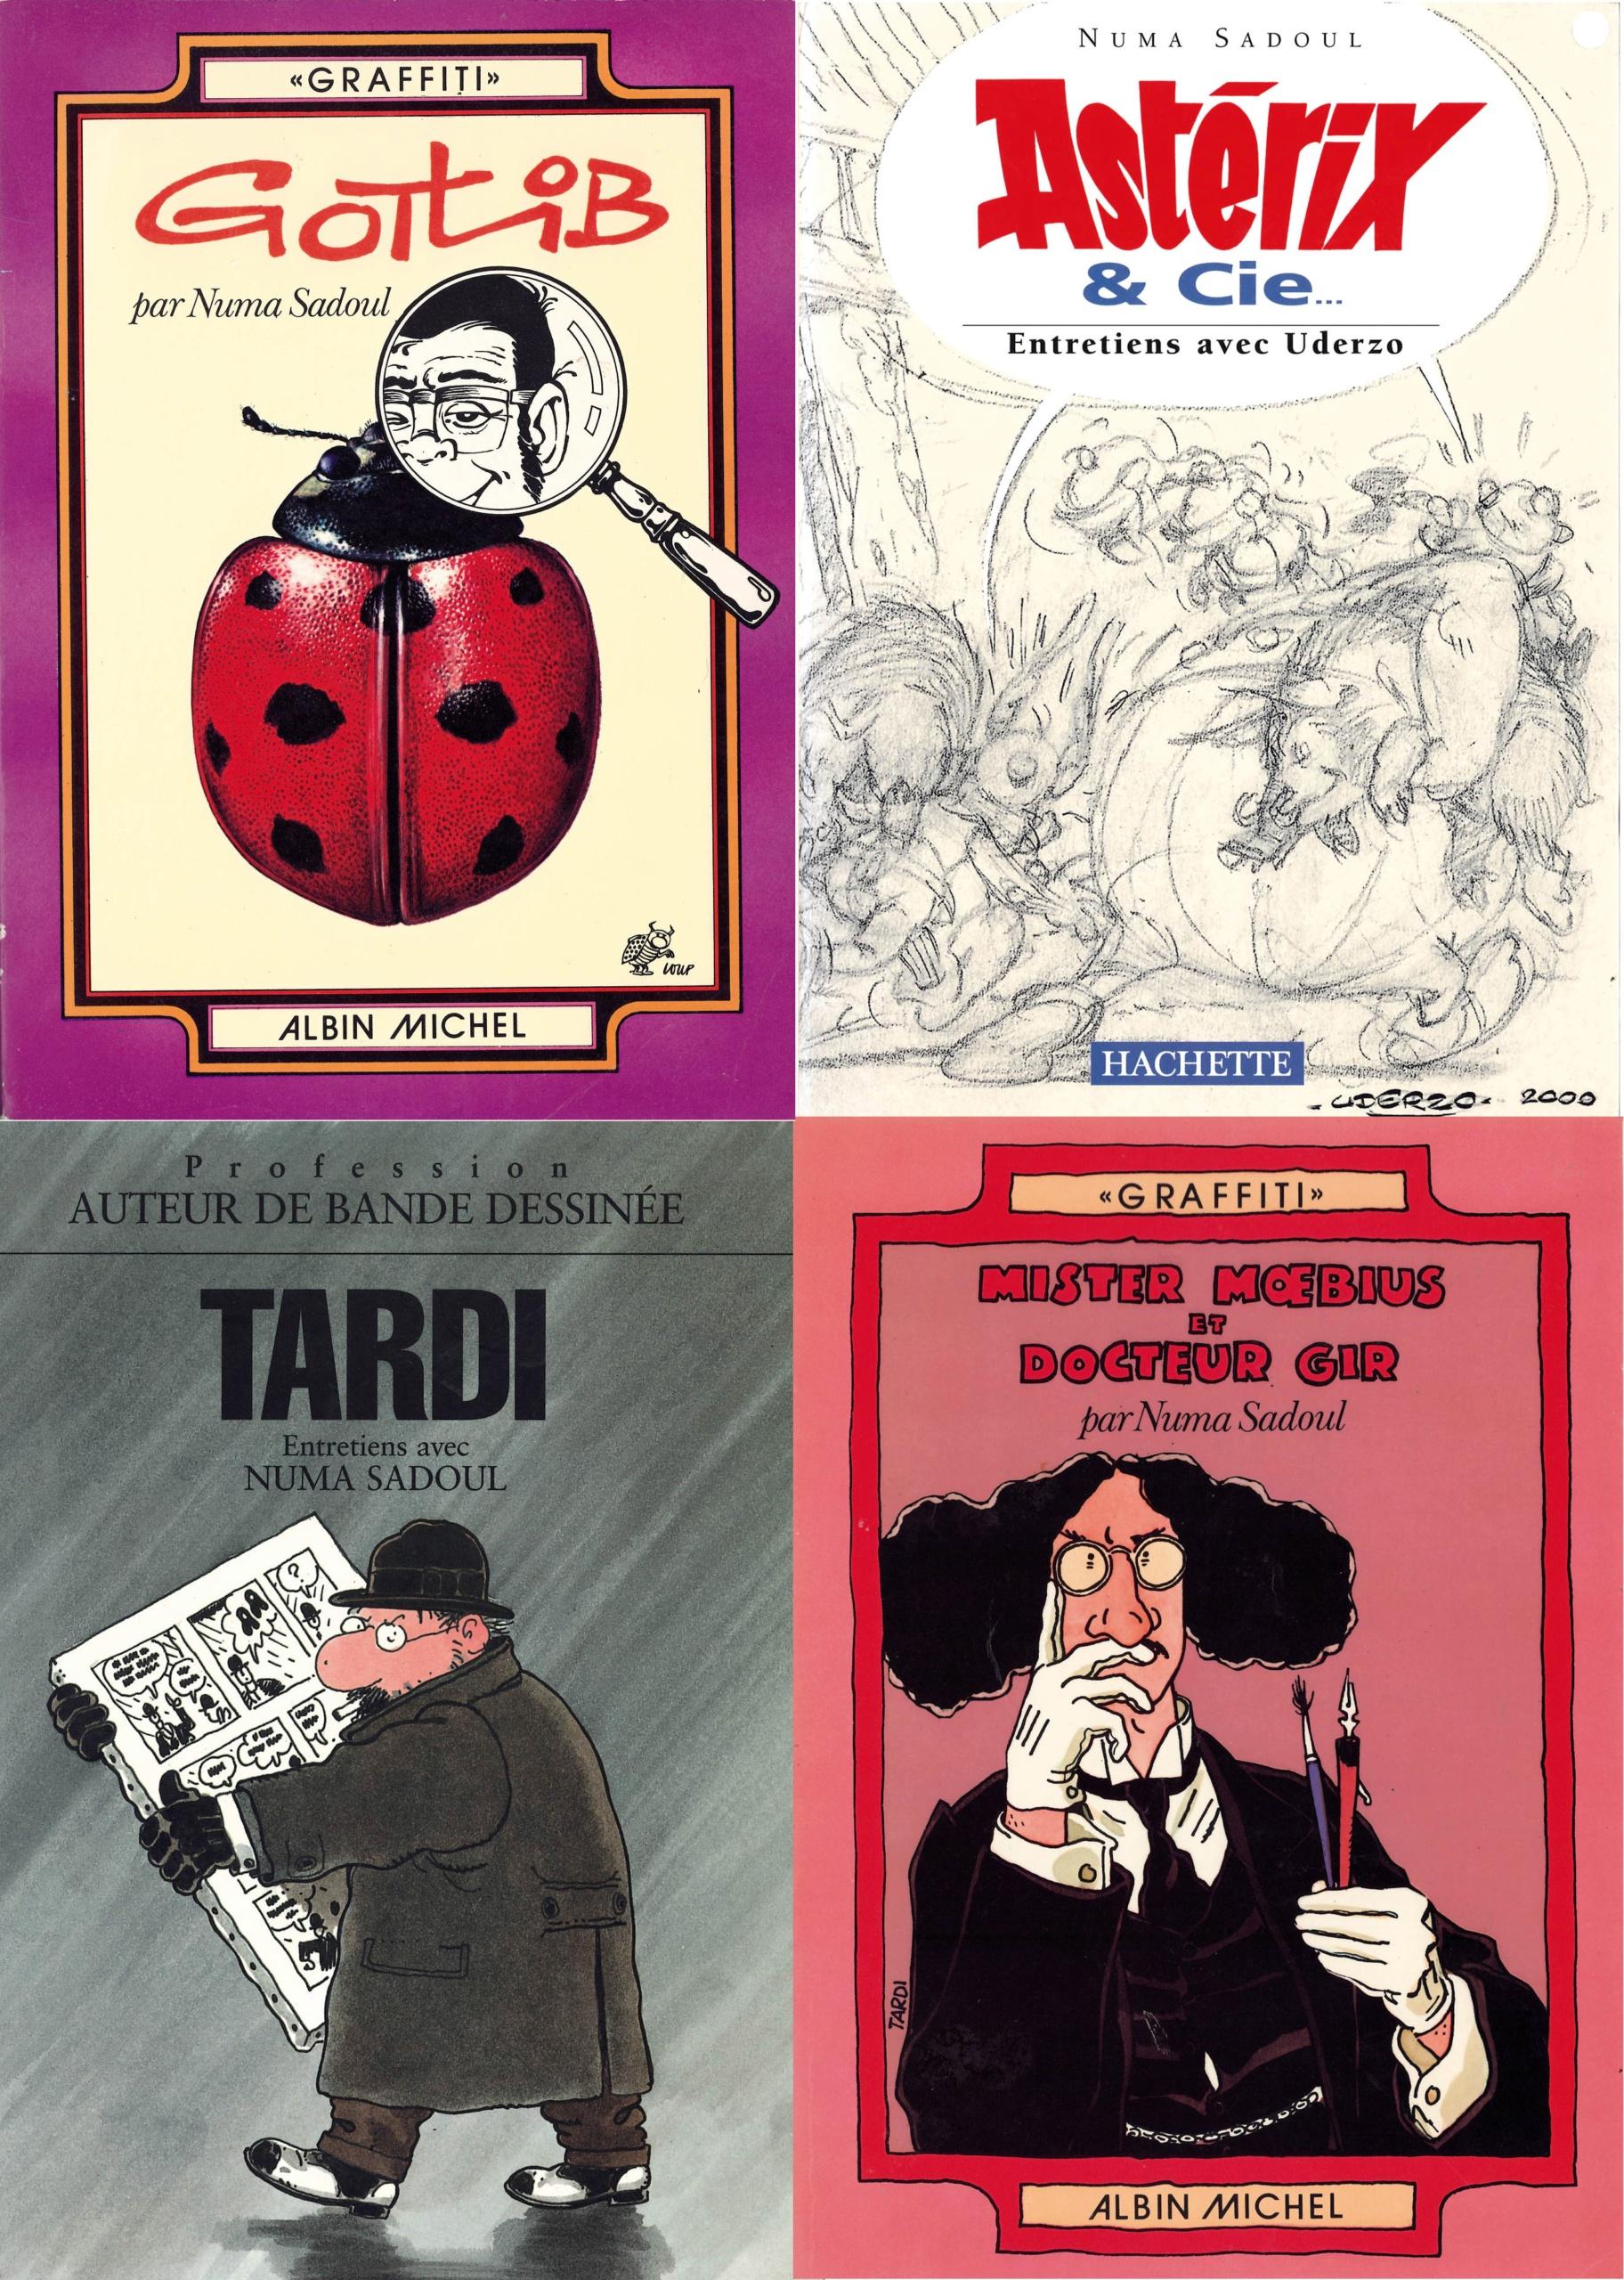 Livres de Numa Sadoul